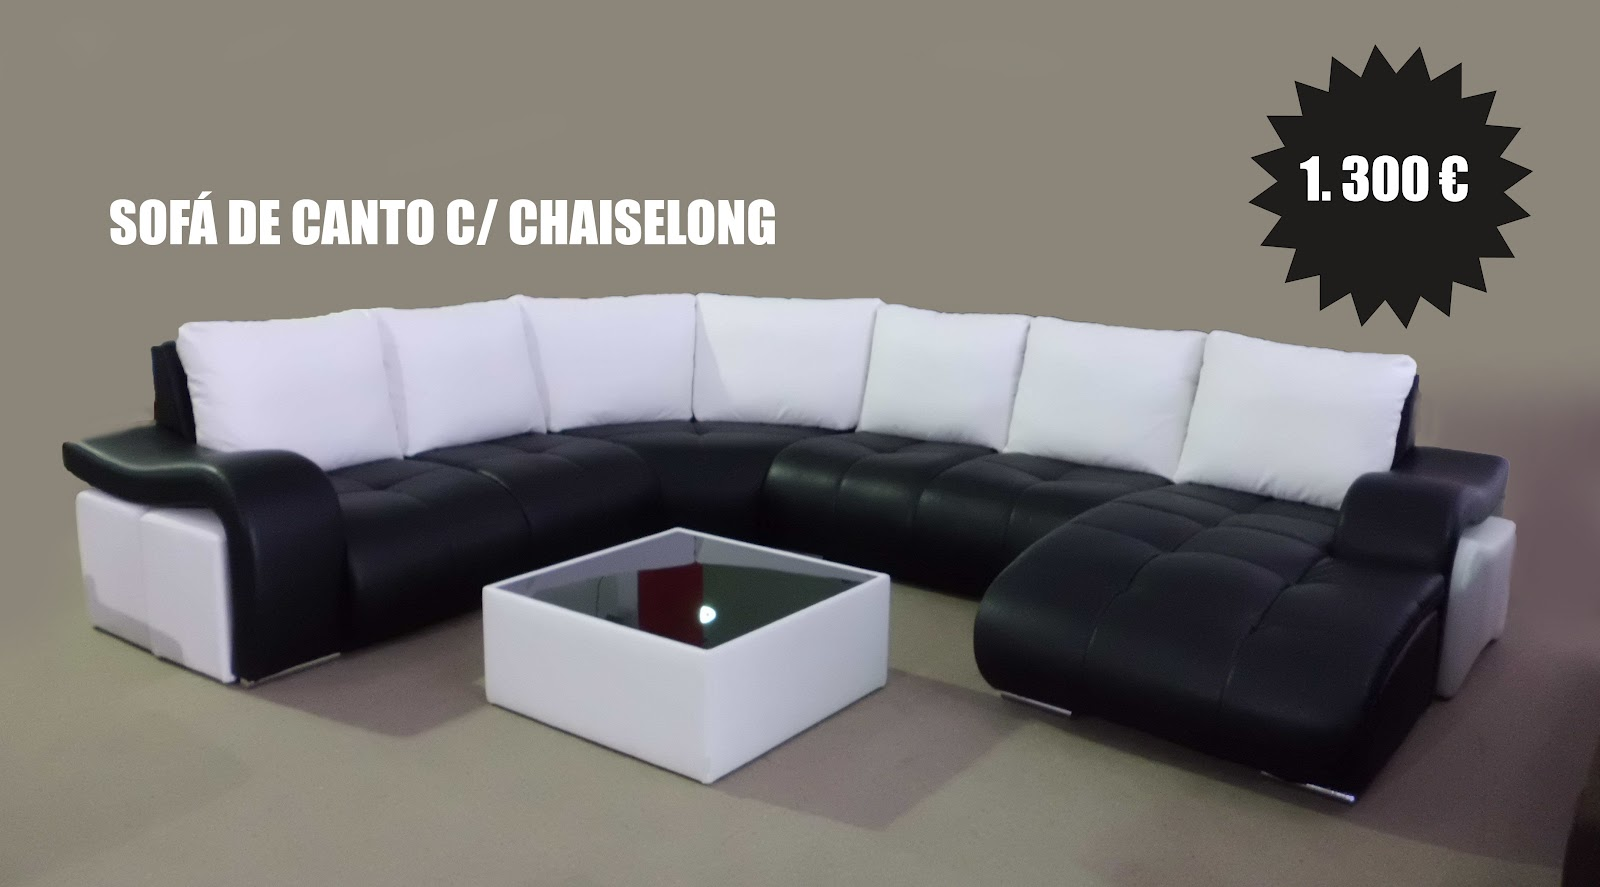 Novidade Só Sofás: Sofá de Canto c/ Chaiselong | Só Sofás